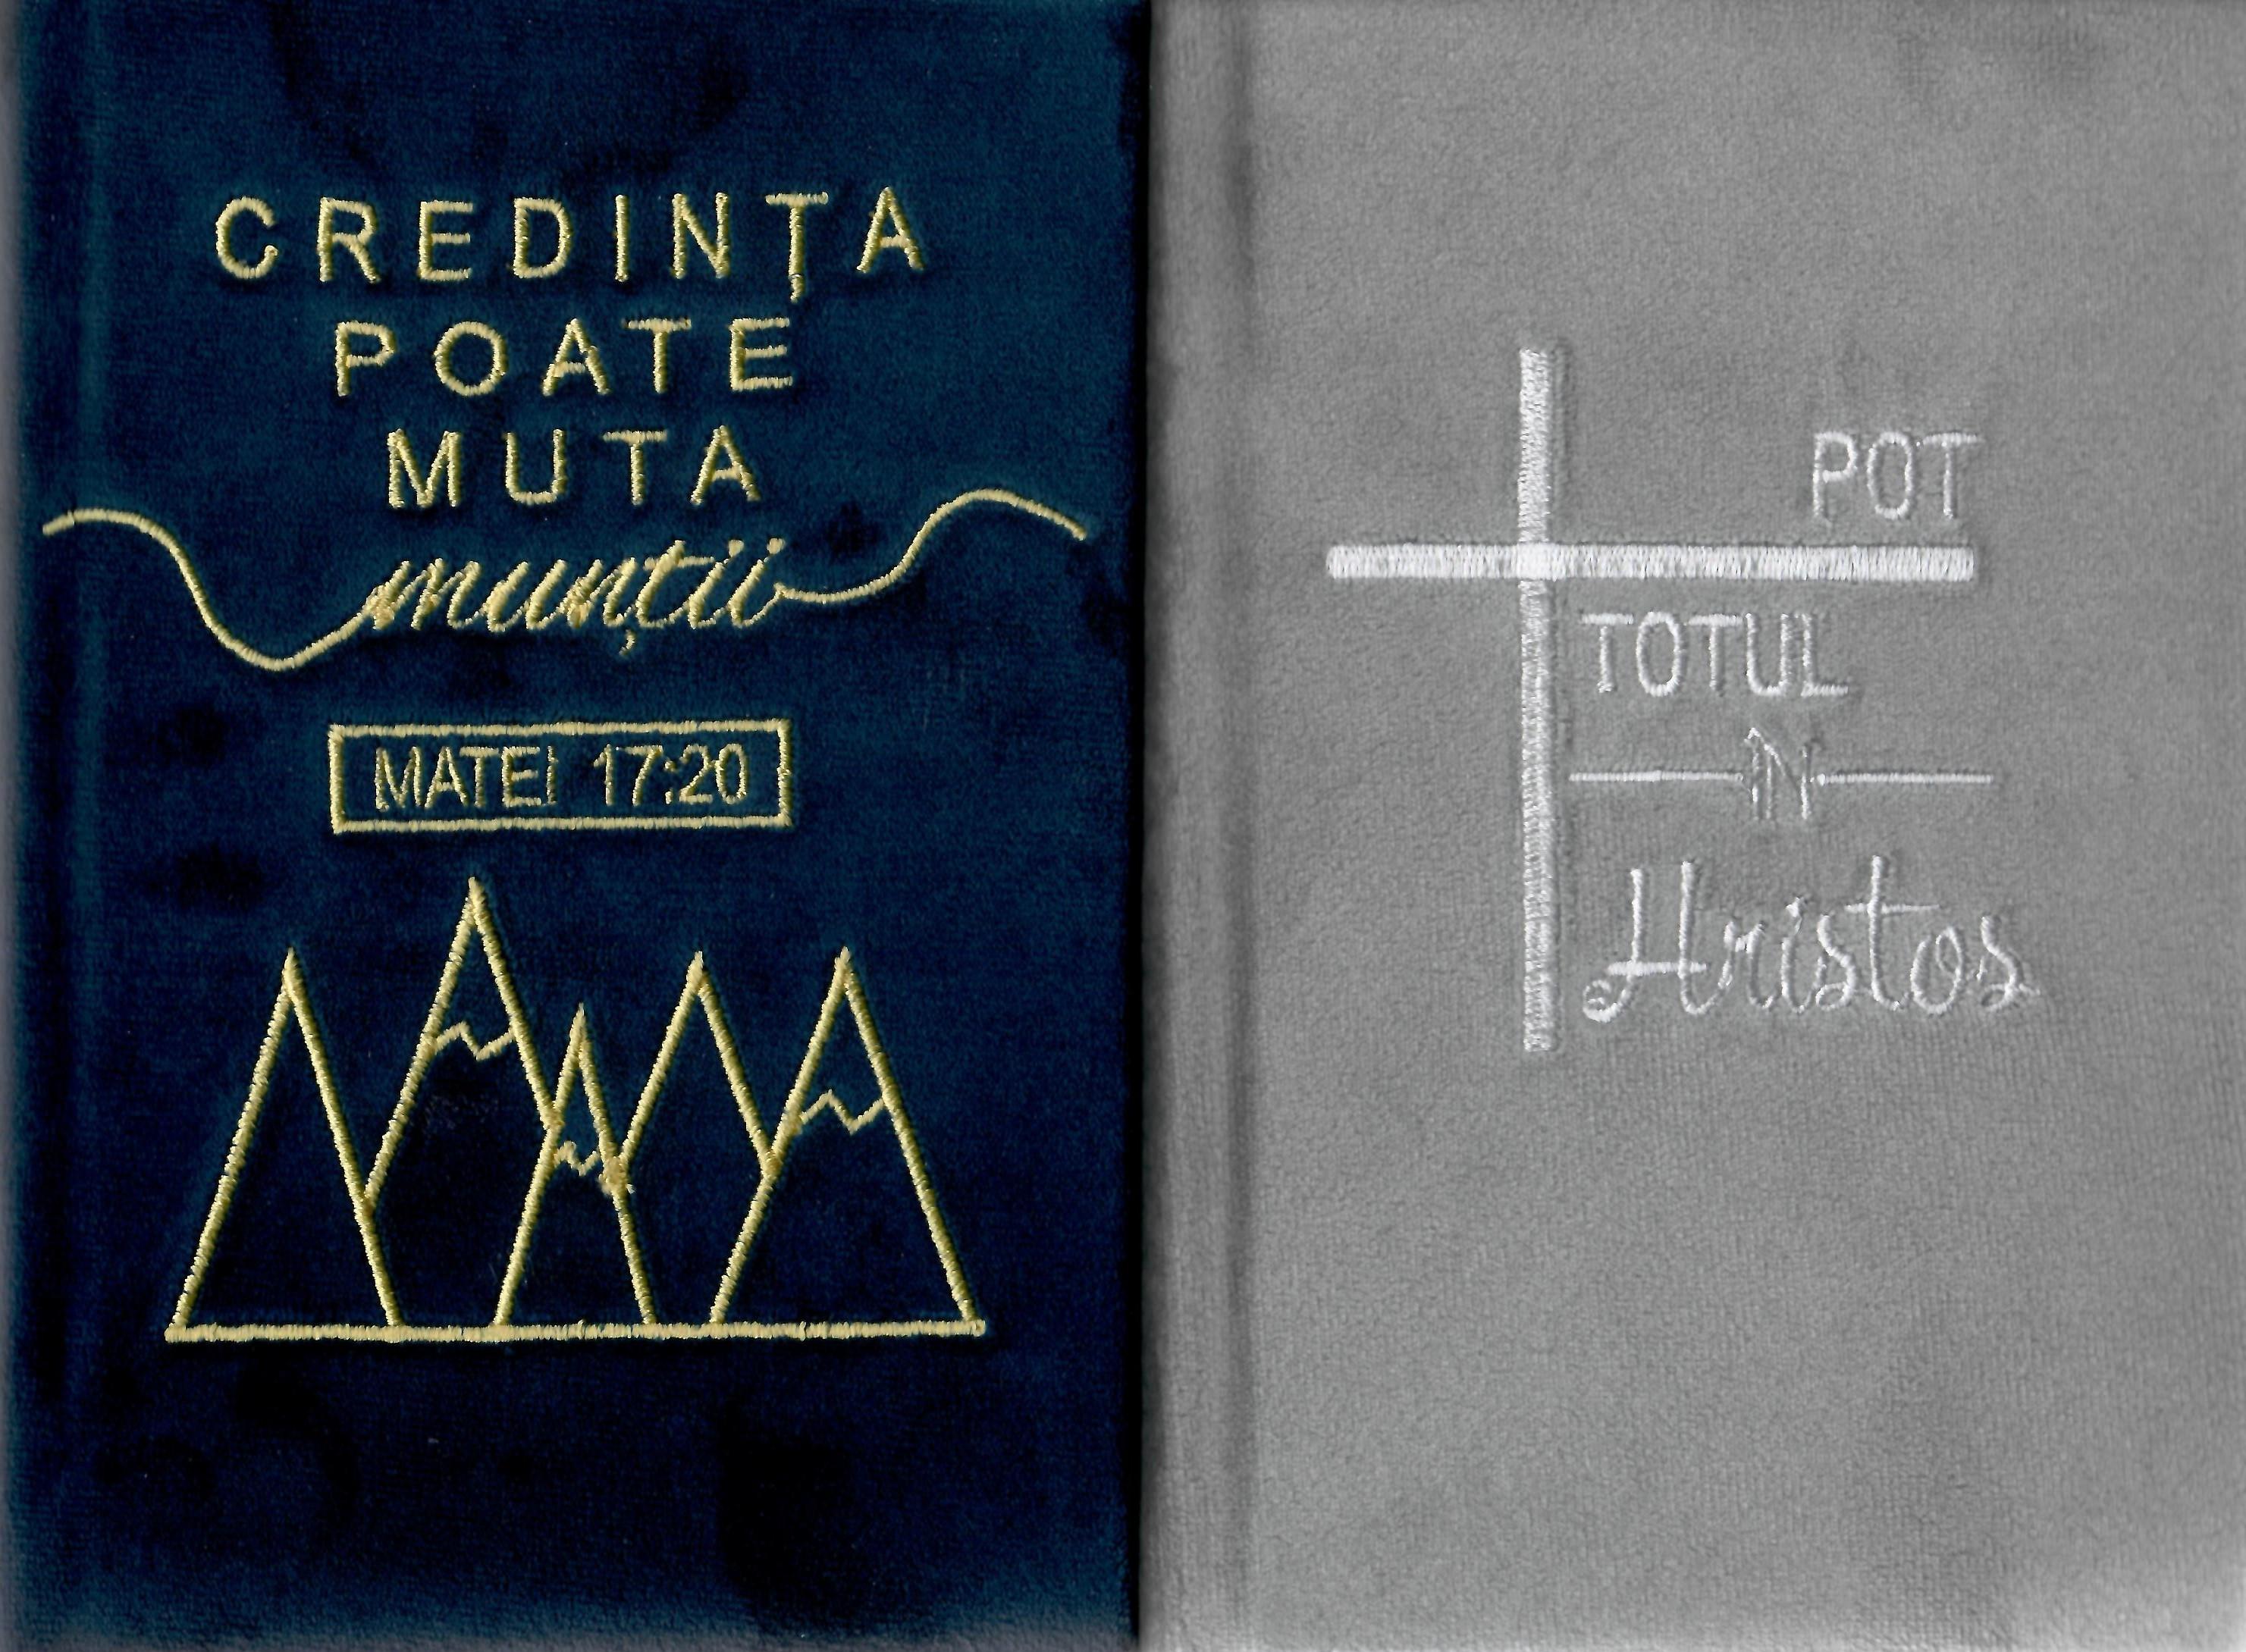 Biblie simplă, medie, cu copertă tare îmbrăcată în catifea (diferite culori) cu text brodat